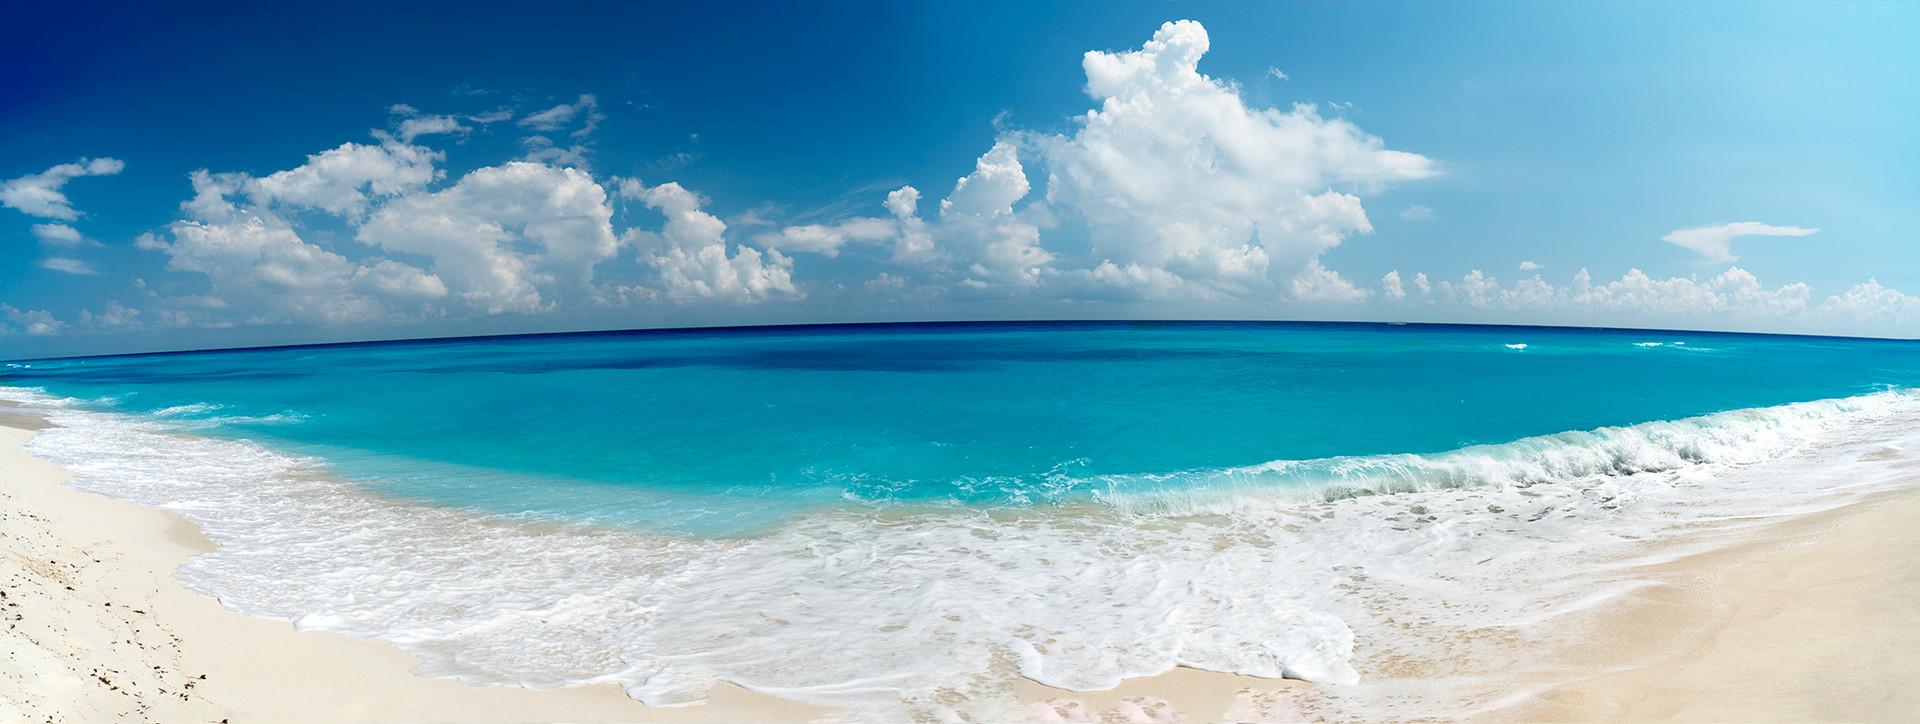 Cancún Quintana Roo